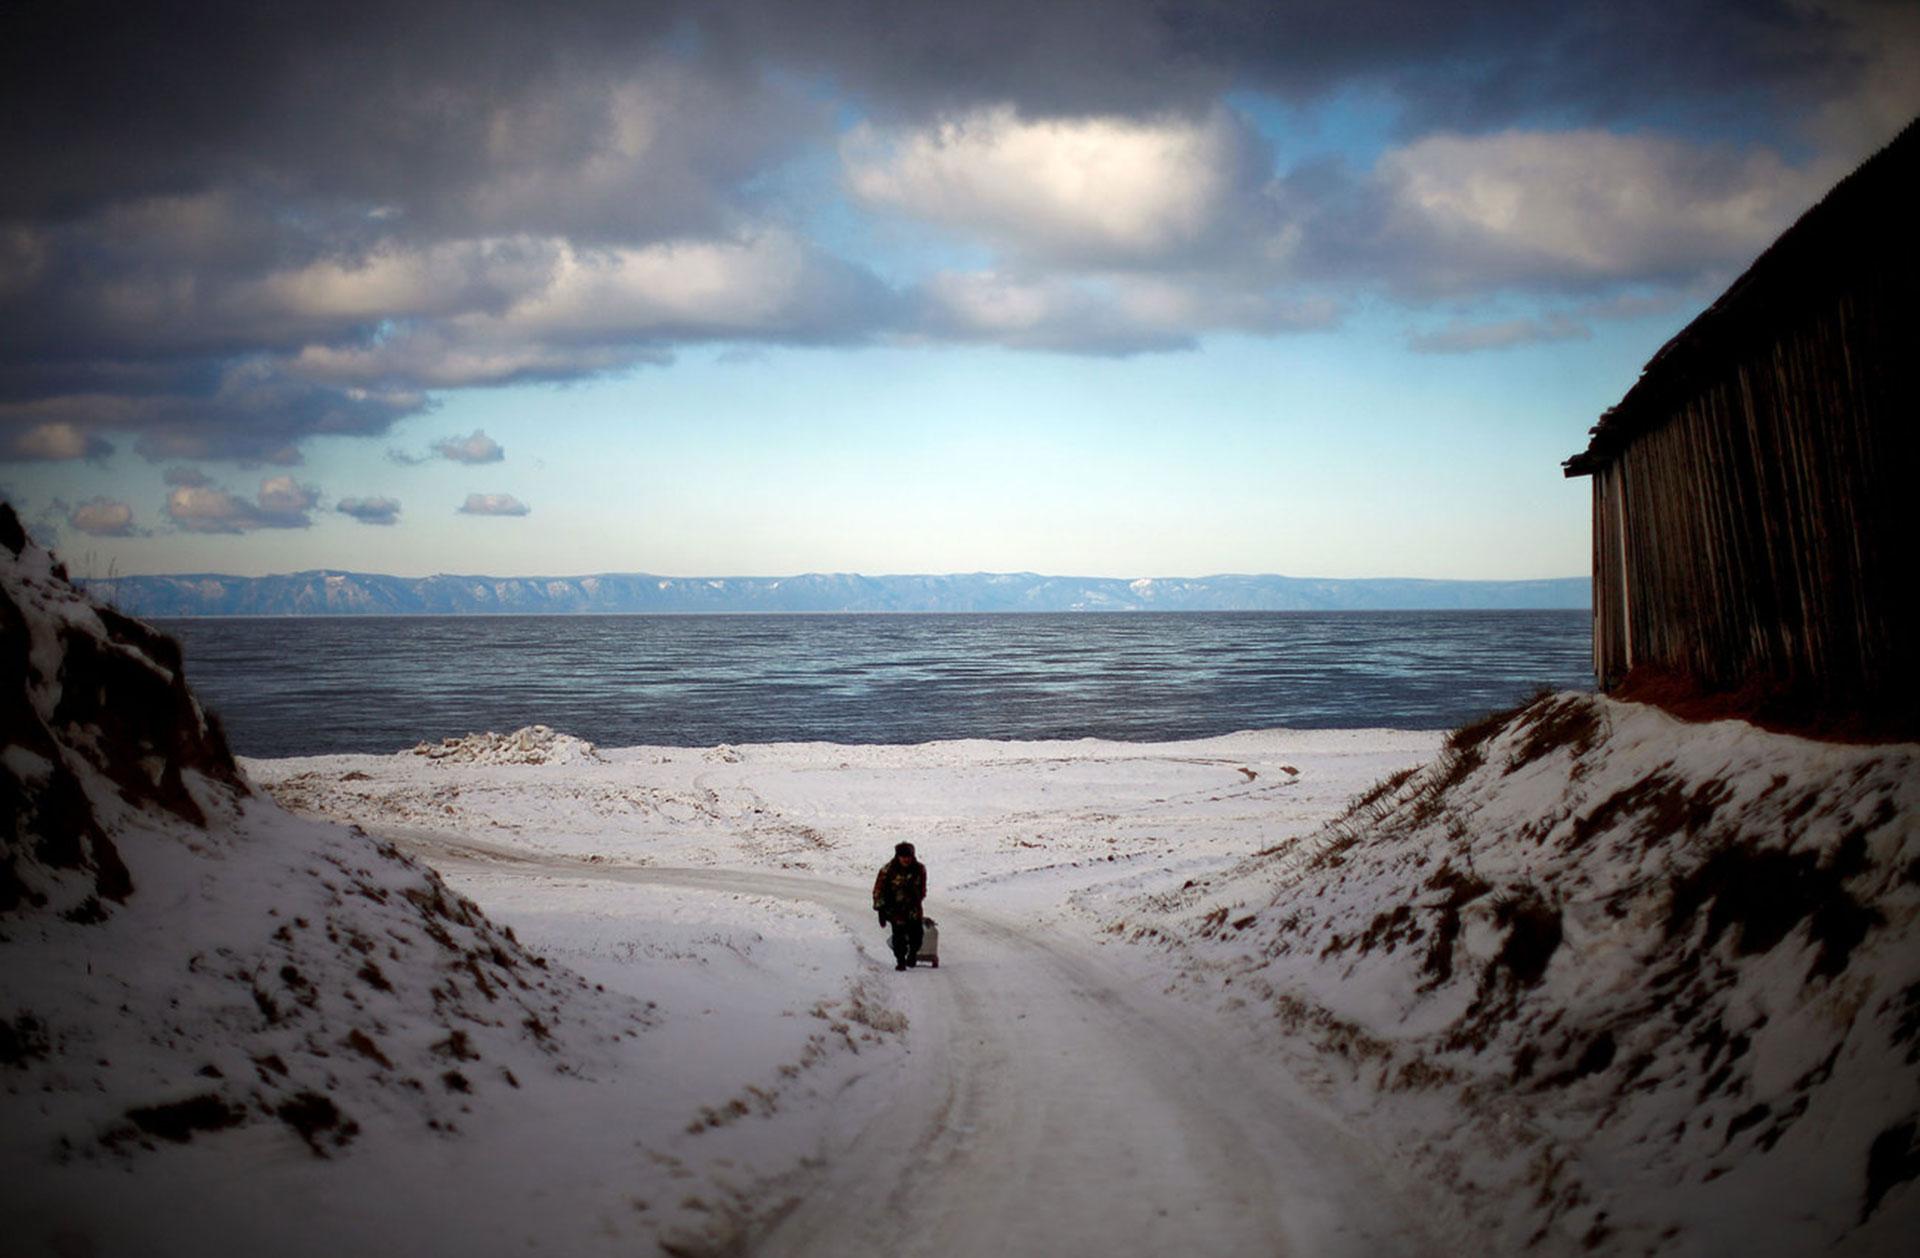 En 2012, junto a dos colegas, Gilkey subió al Tren Transiberiano que une Moscú con el Océano Pacífico. Tras dos semanas, arribaron a la ciudad portuaria de Vladivostok